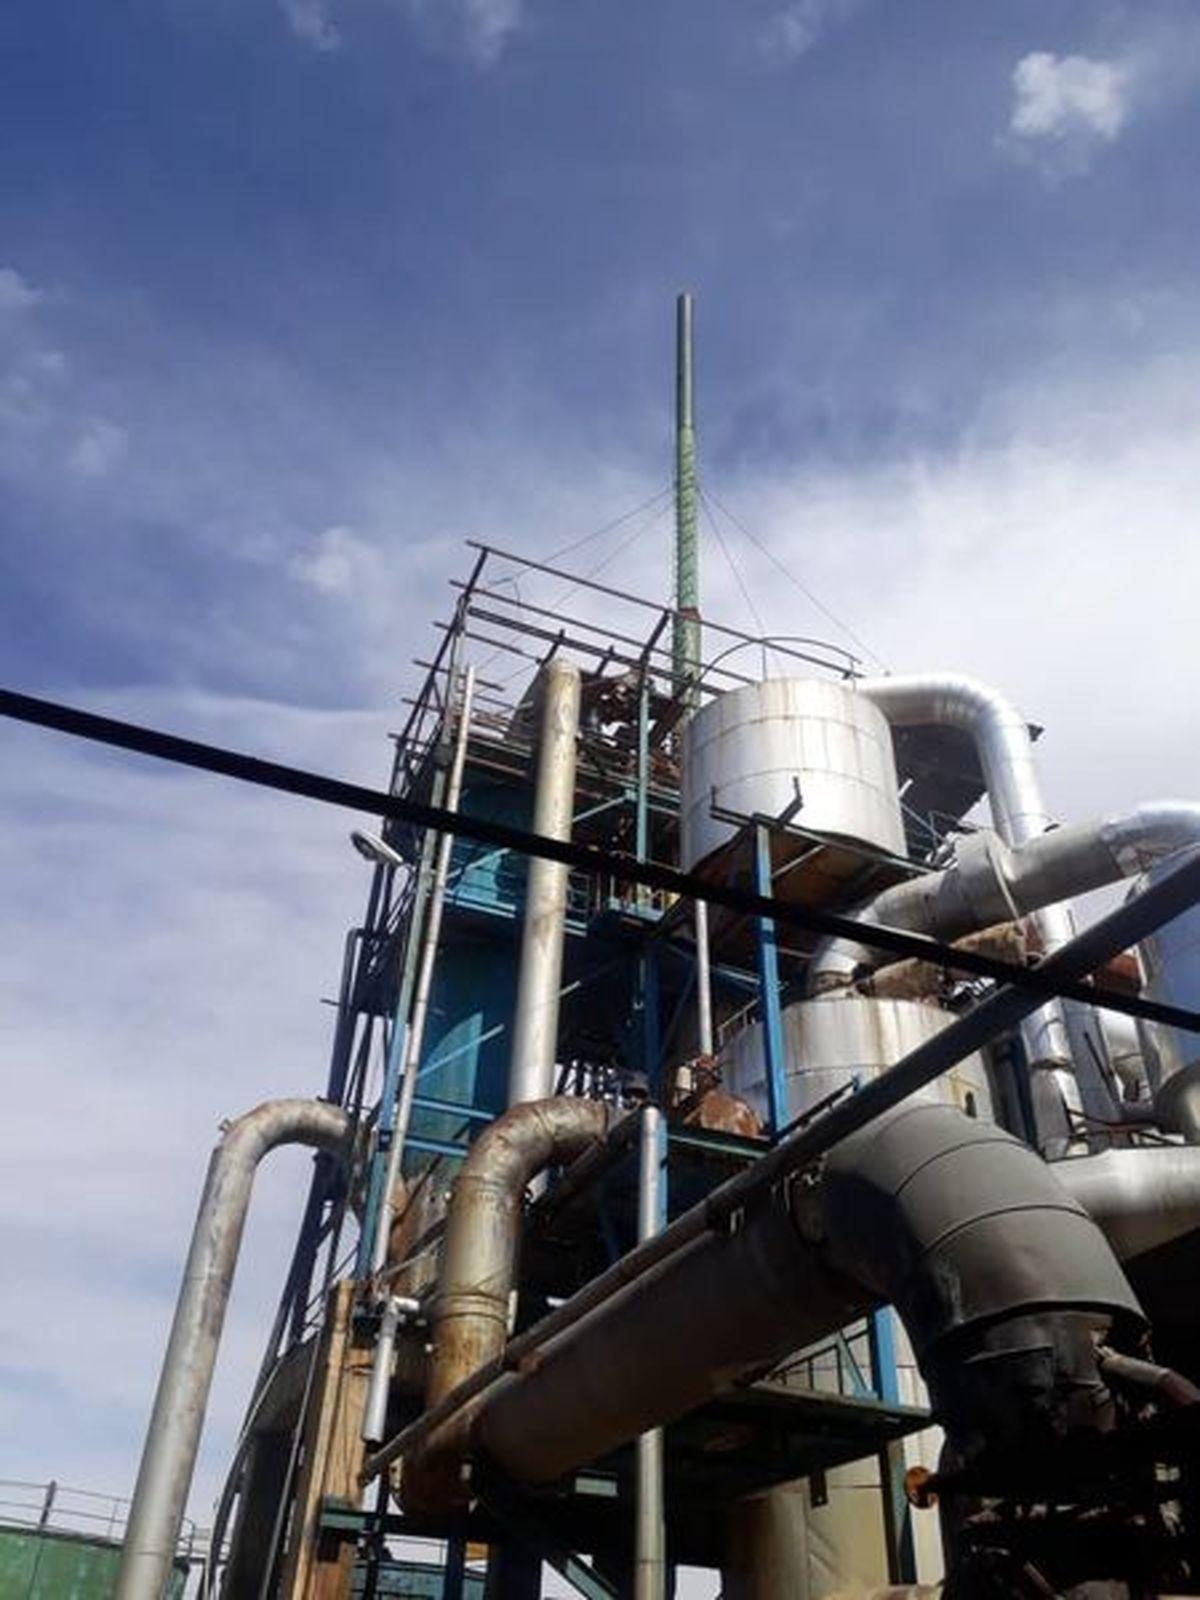 بیانیه انجمن اسید سولفوریک در خصوص بحران ورشکستگی 50 کارخانه اسید بخش خصوصی